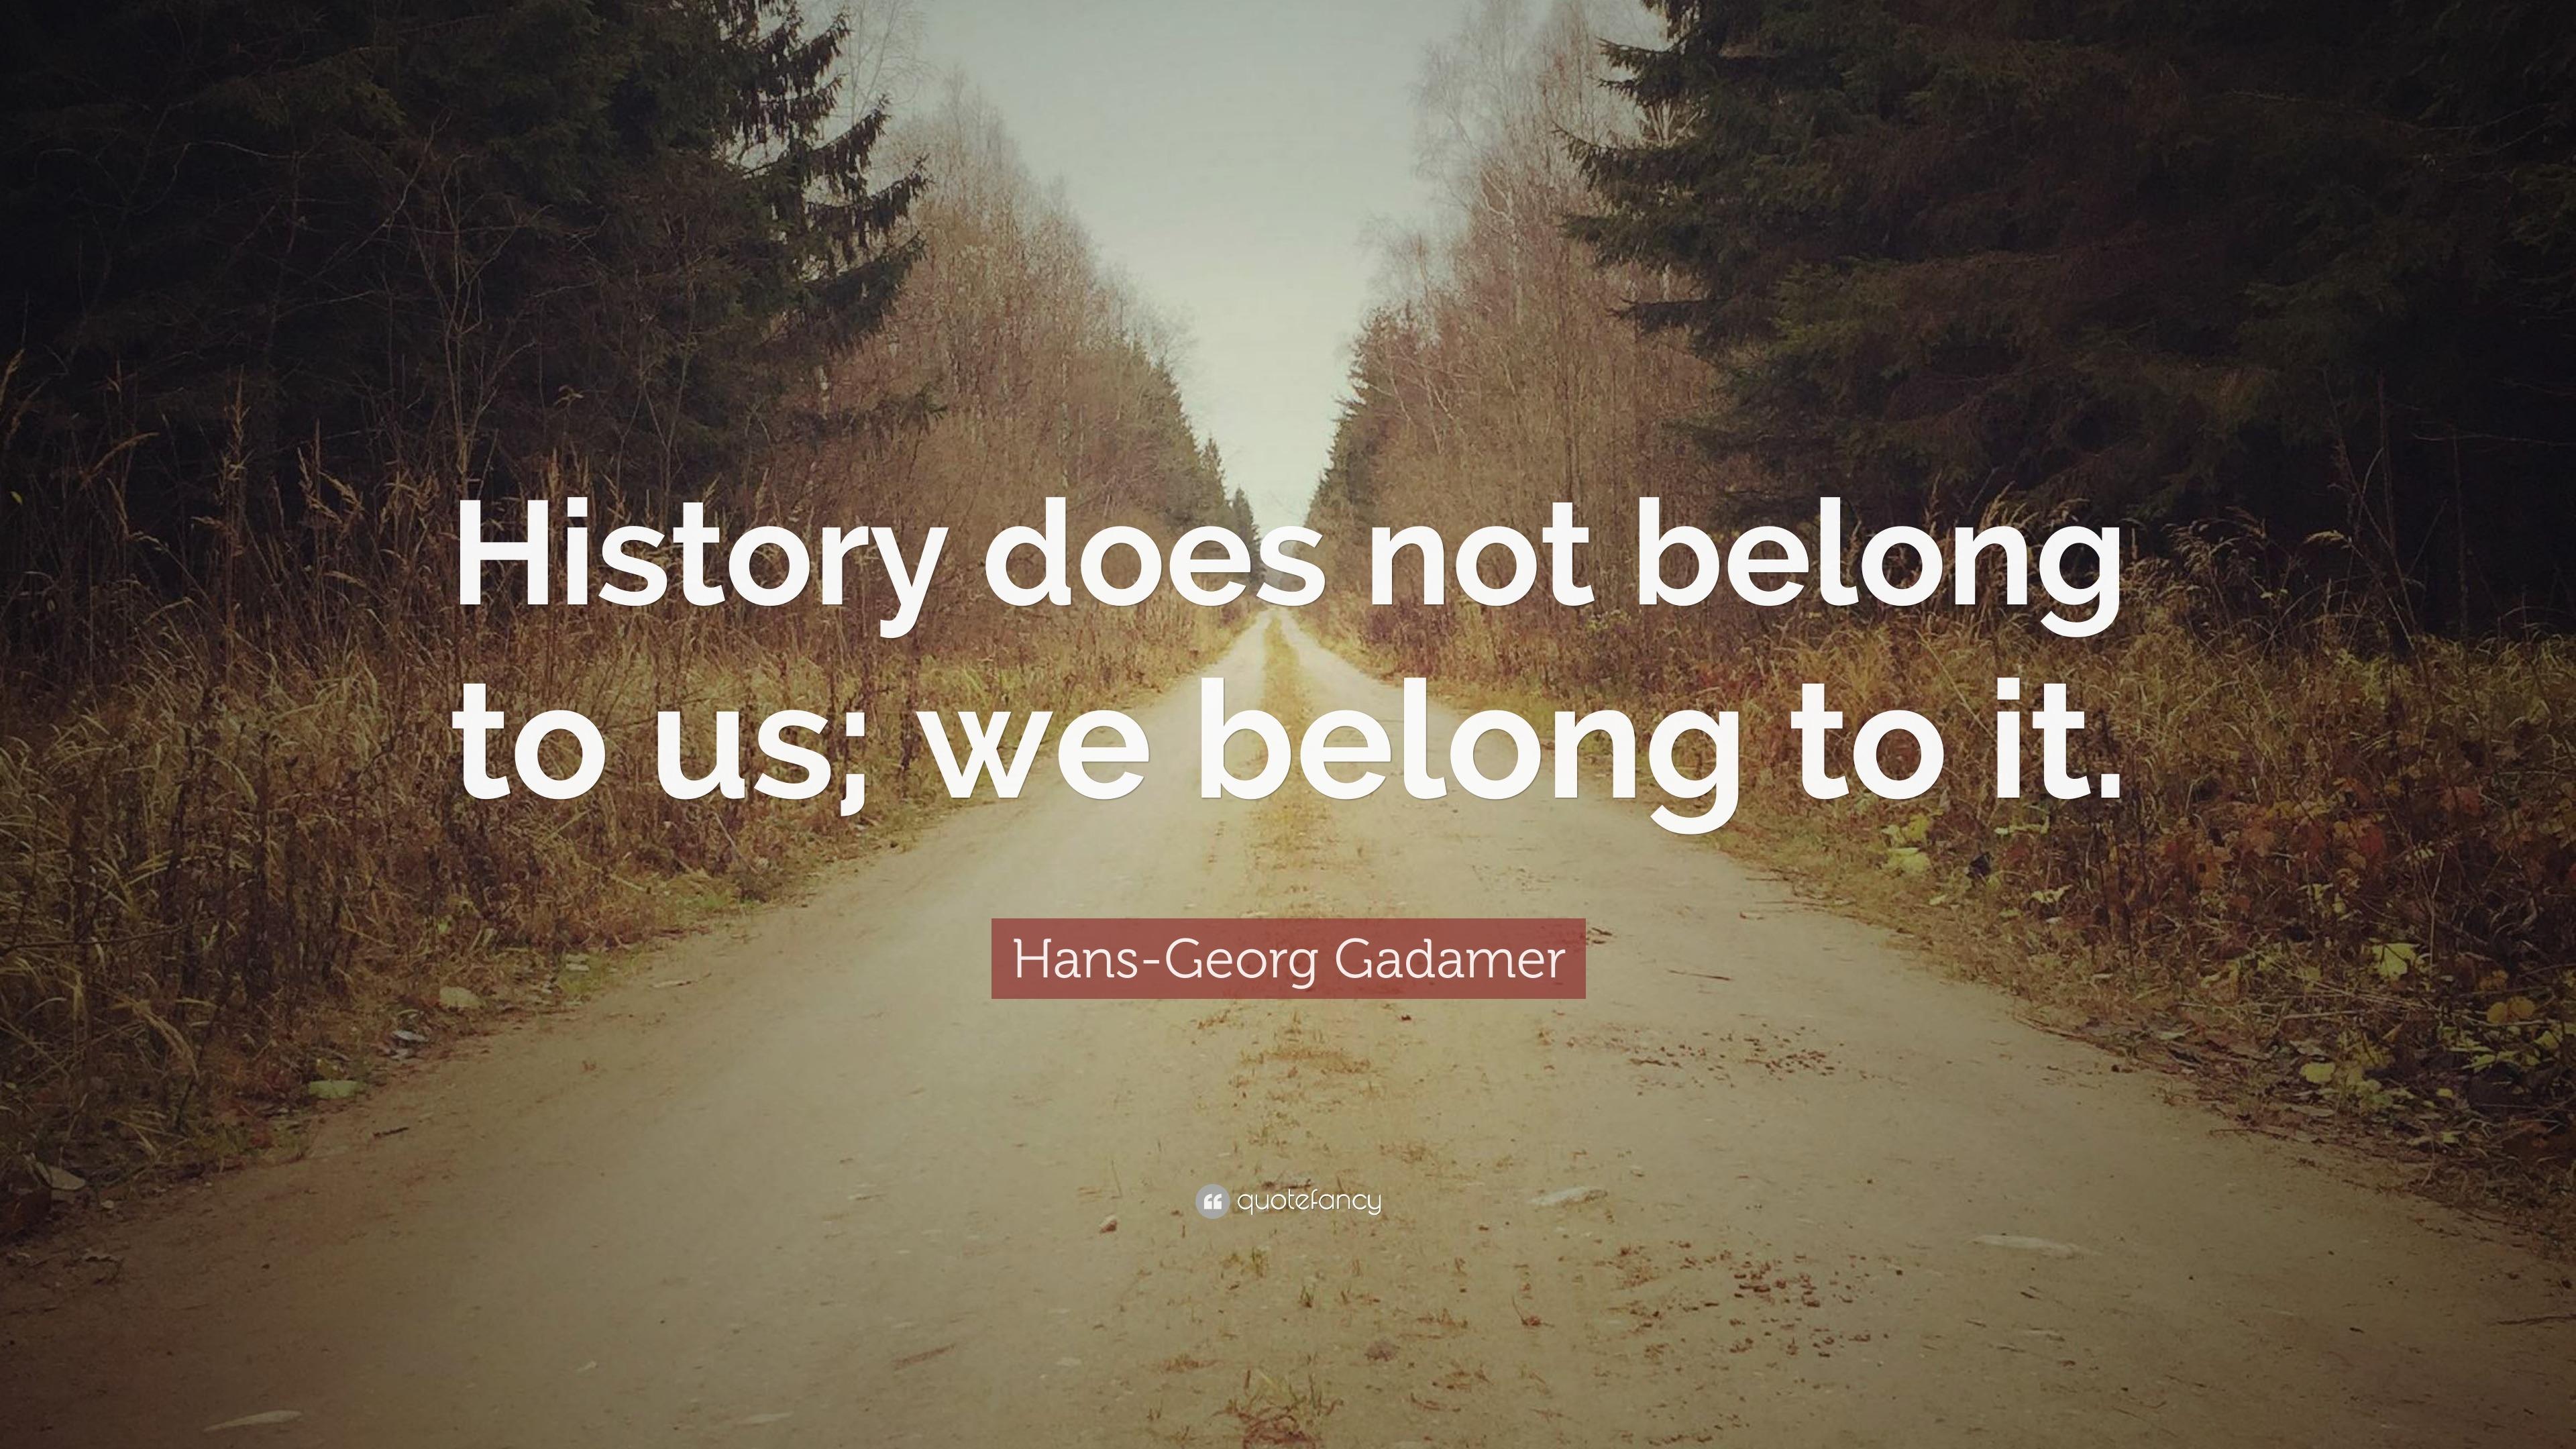 Hans-Georg Gadamer Quotes (16 wallpapers) - Quotefancy